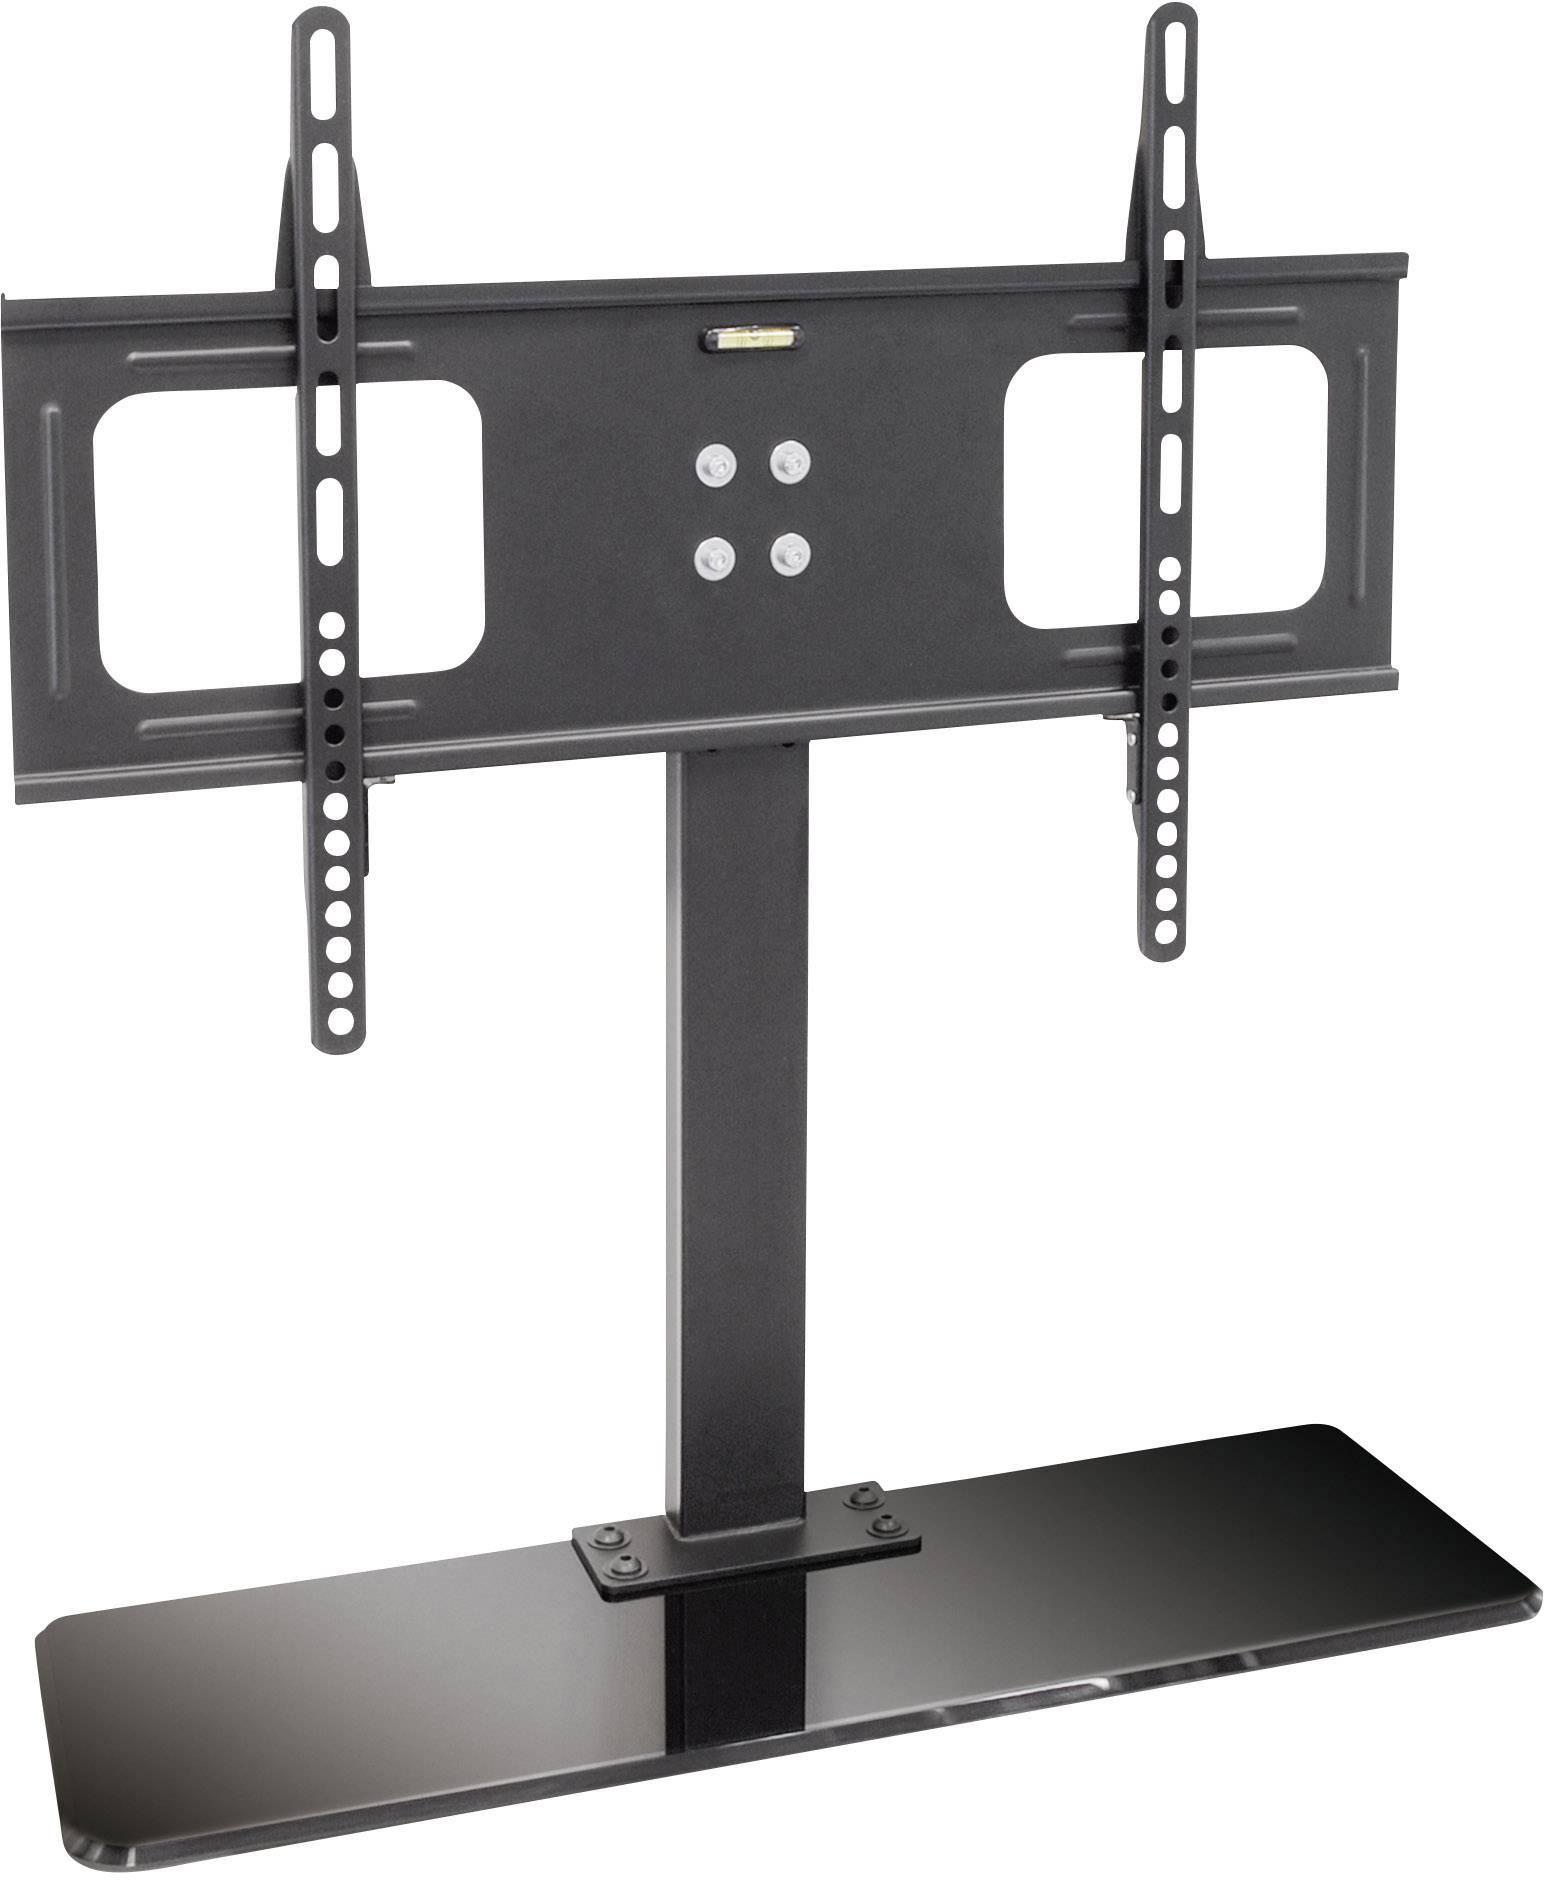 Bardzo dobra Stojak do telewizora, My Wall HP 2 DL, Maksymalny udźwig: 50 kg XC27